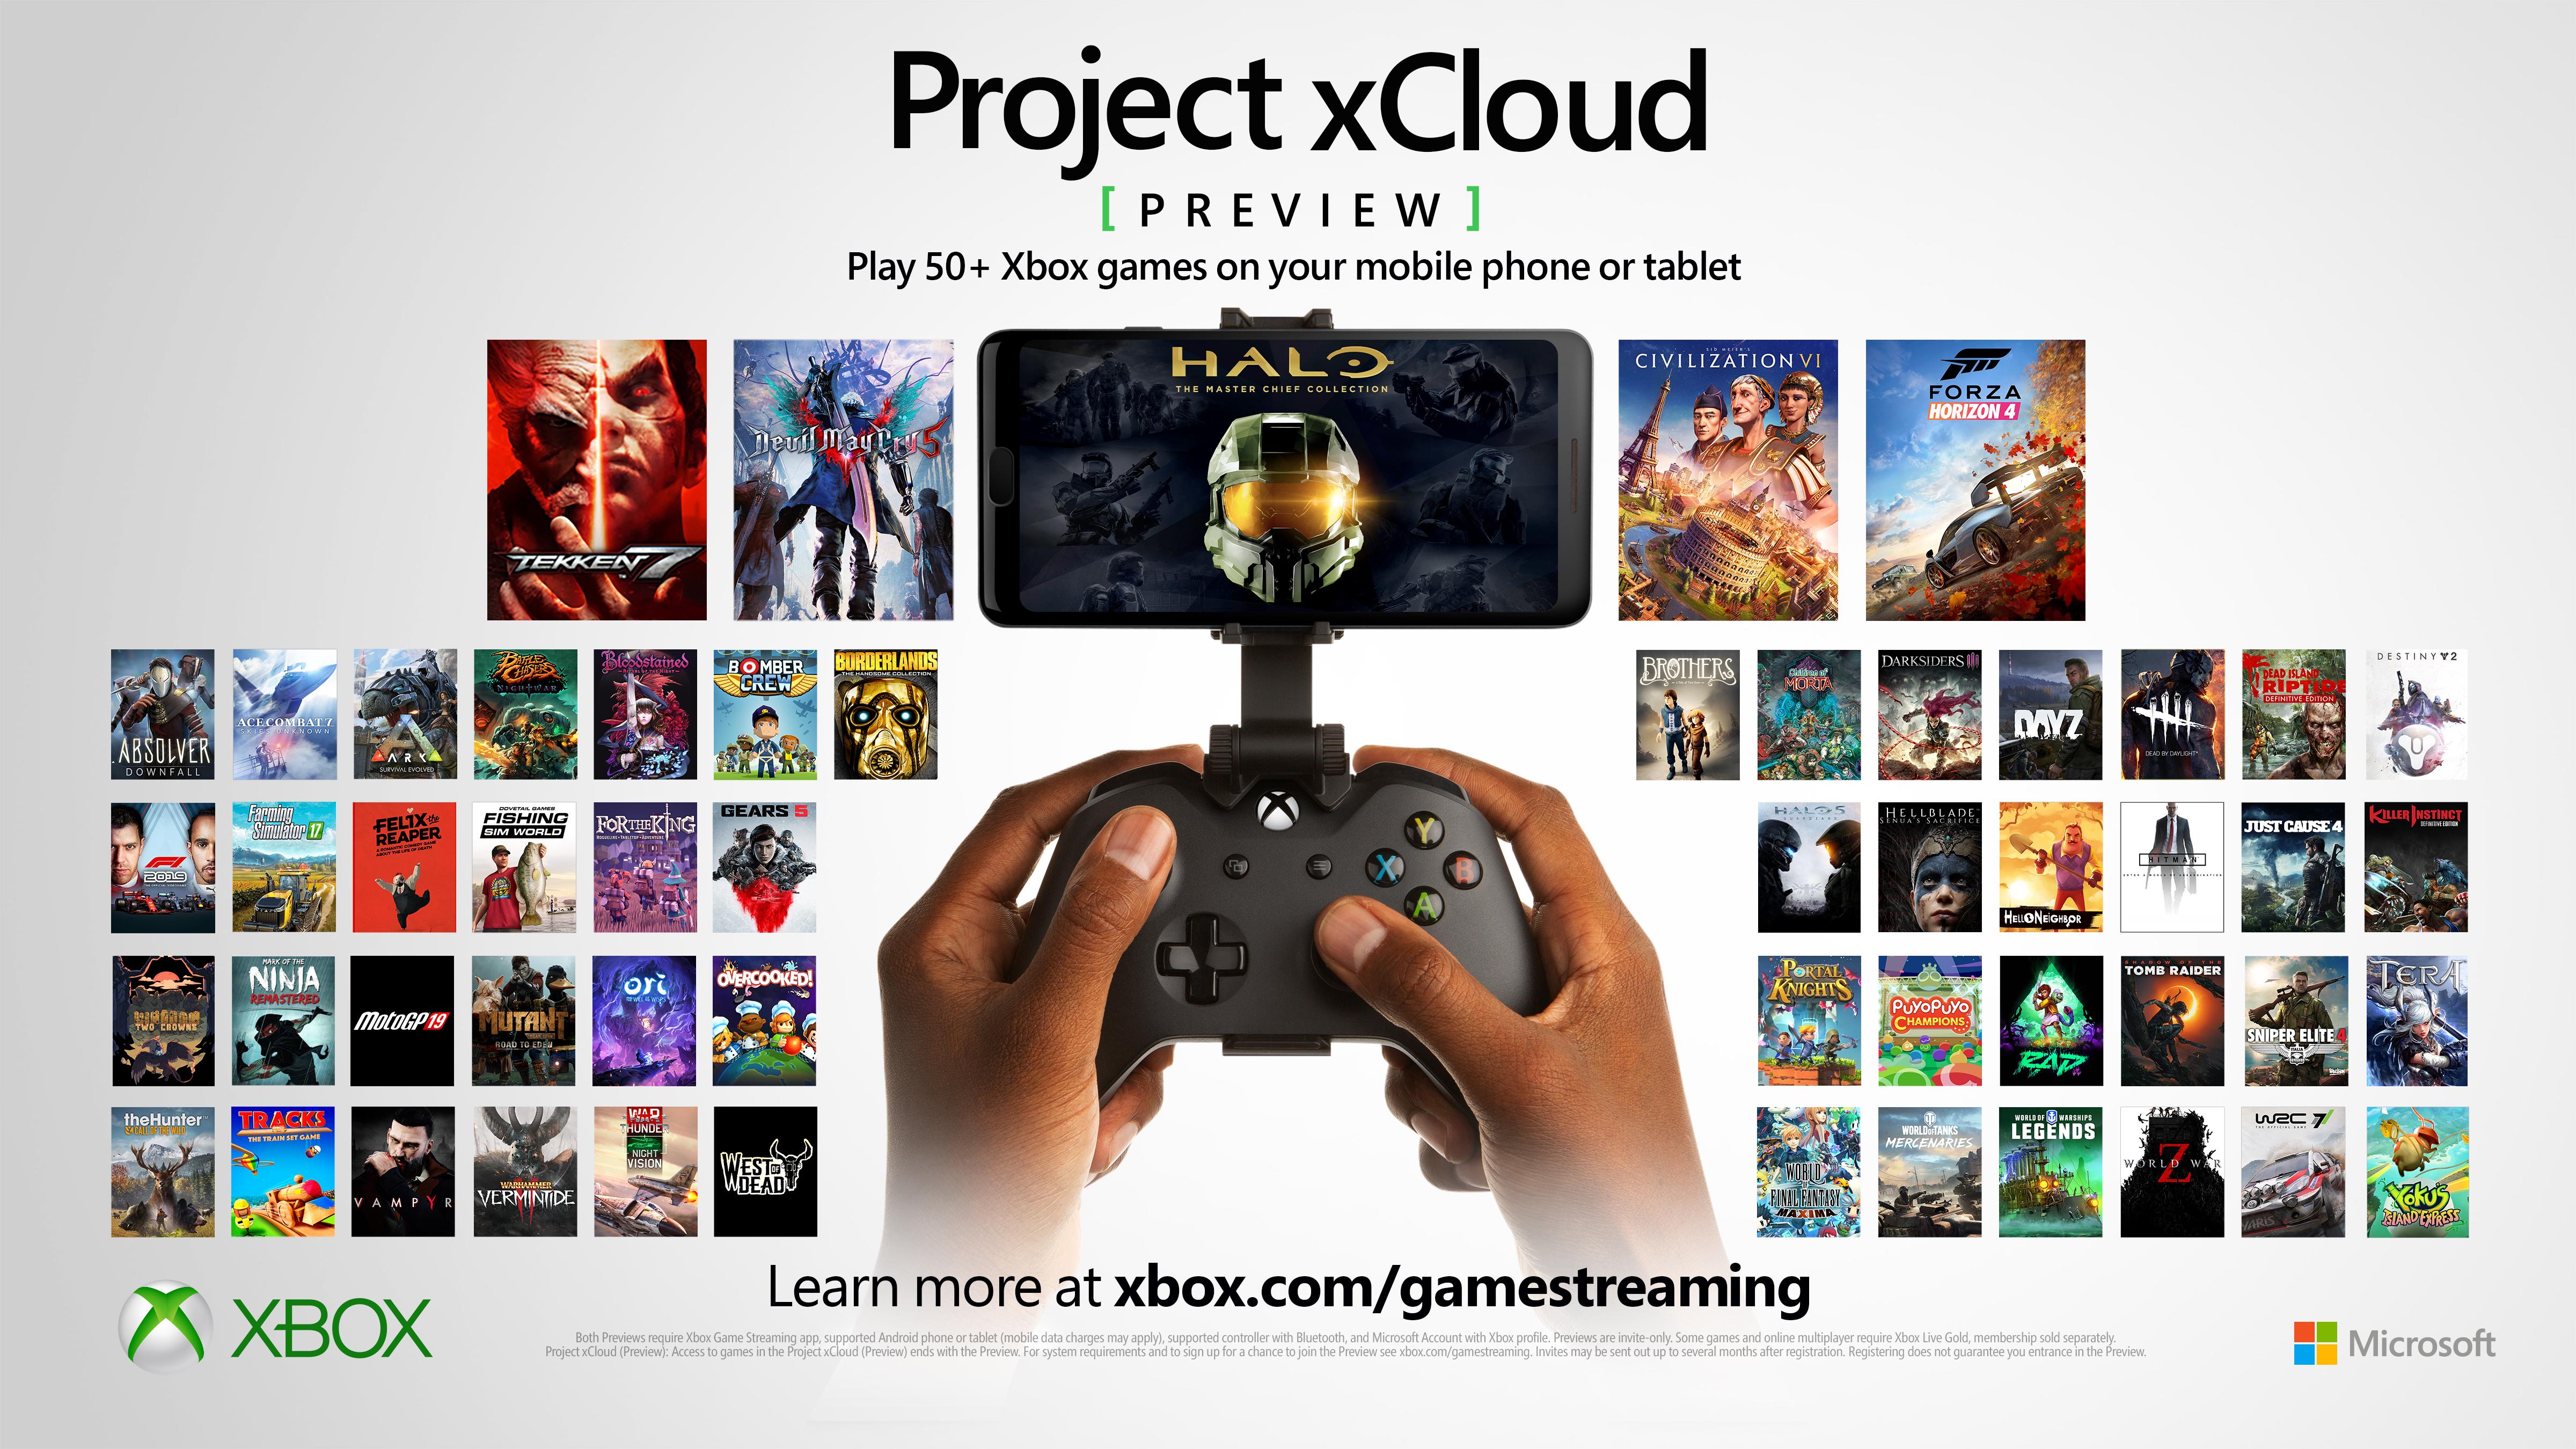 Une manette Xbox pour jouer sur mobile.